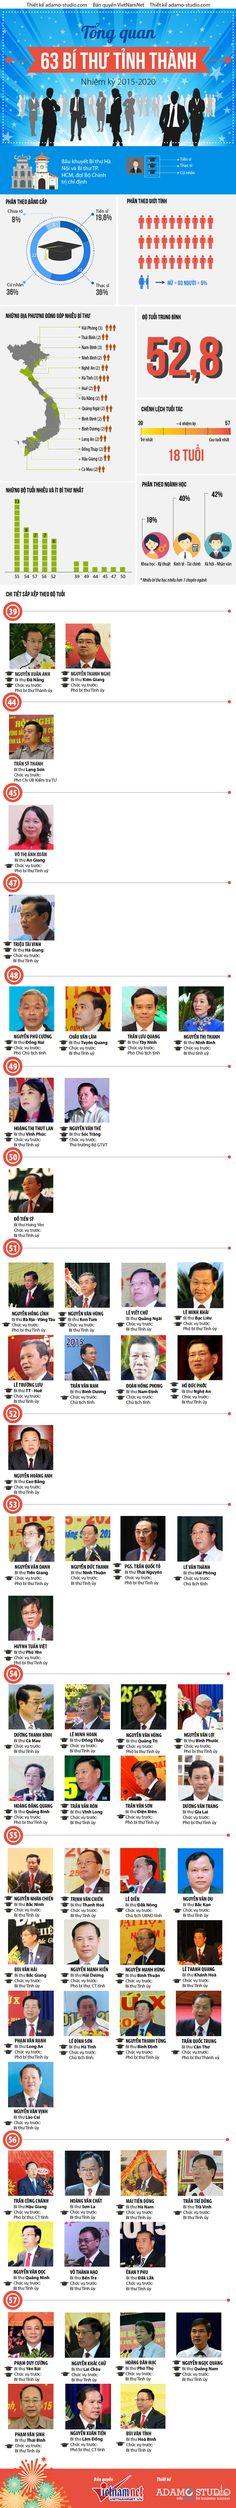 Chân dung 61 bí thư tỉnh thành uỷ Việt Nam nhiệm kỳ 2015-2020